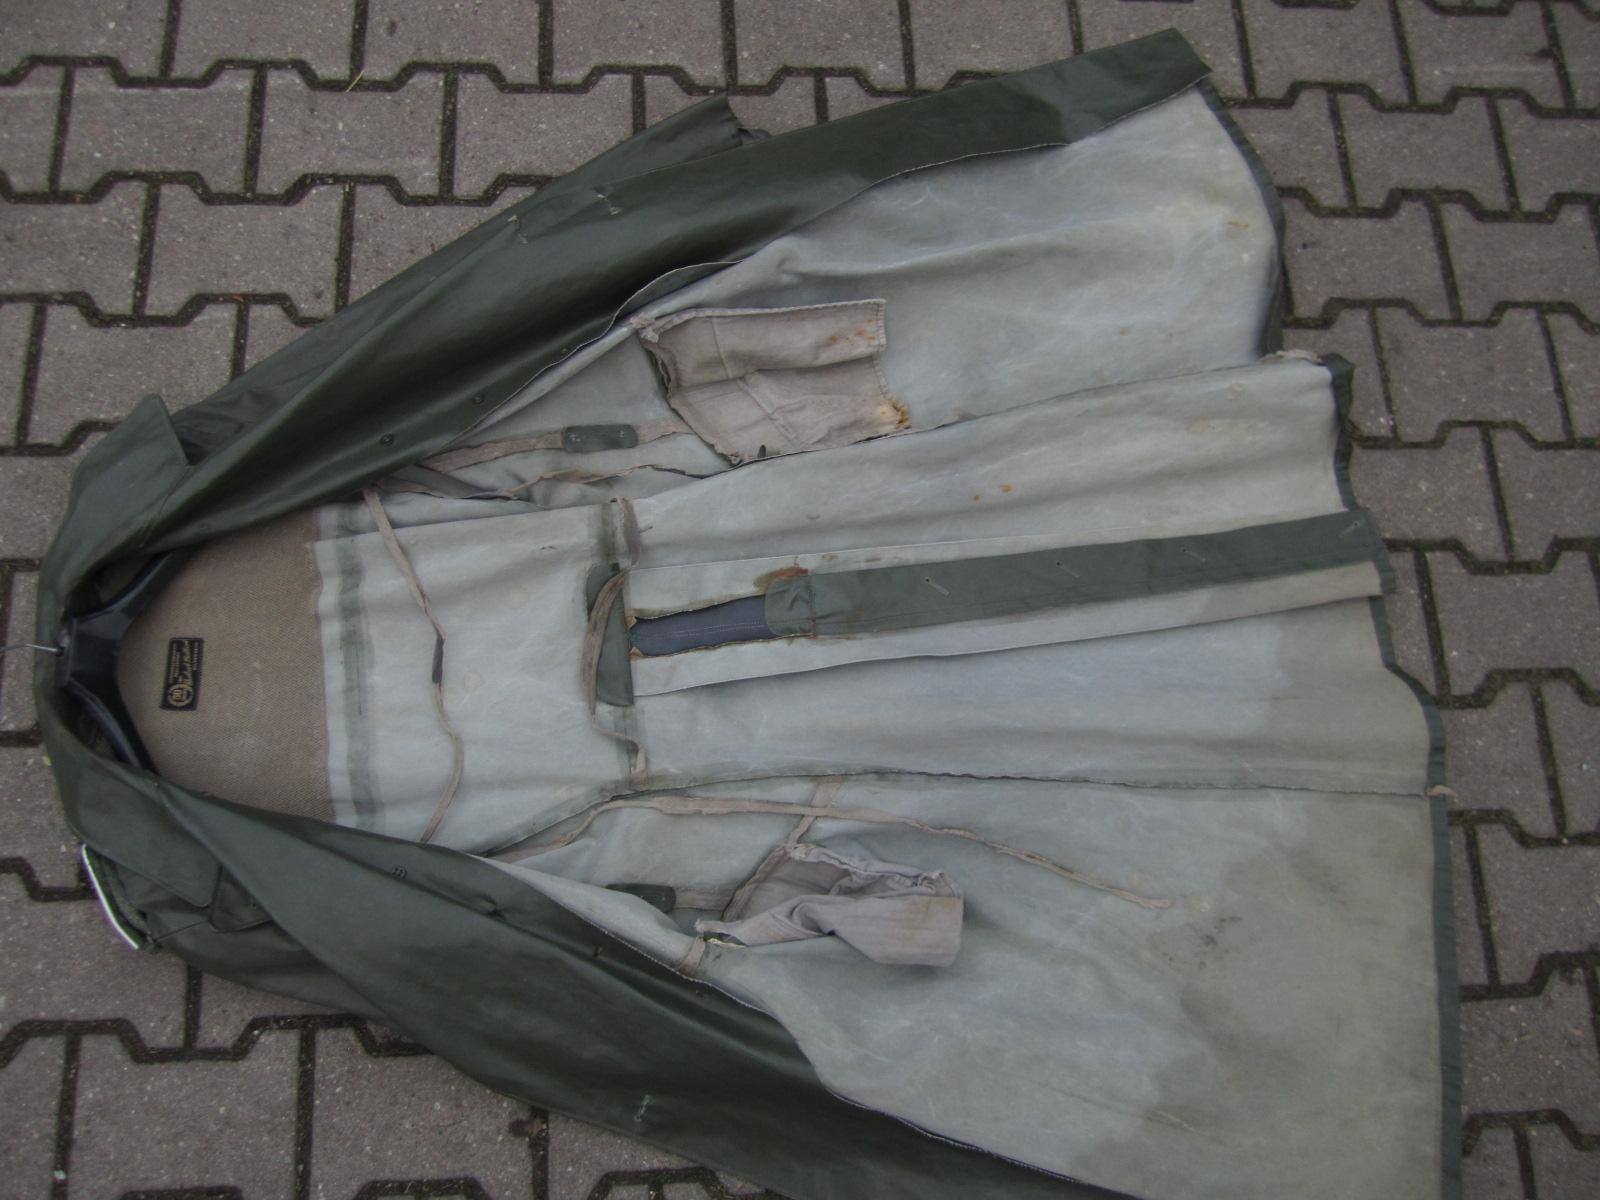 Identification Manteau de pluie WH C81f84e1-9b79-4714-9828-26827f6b6d9d